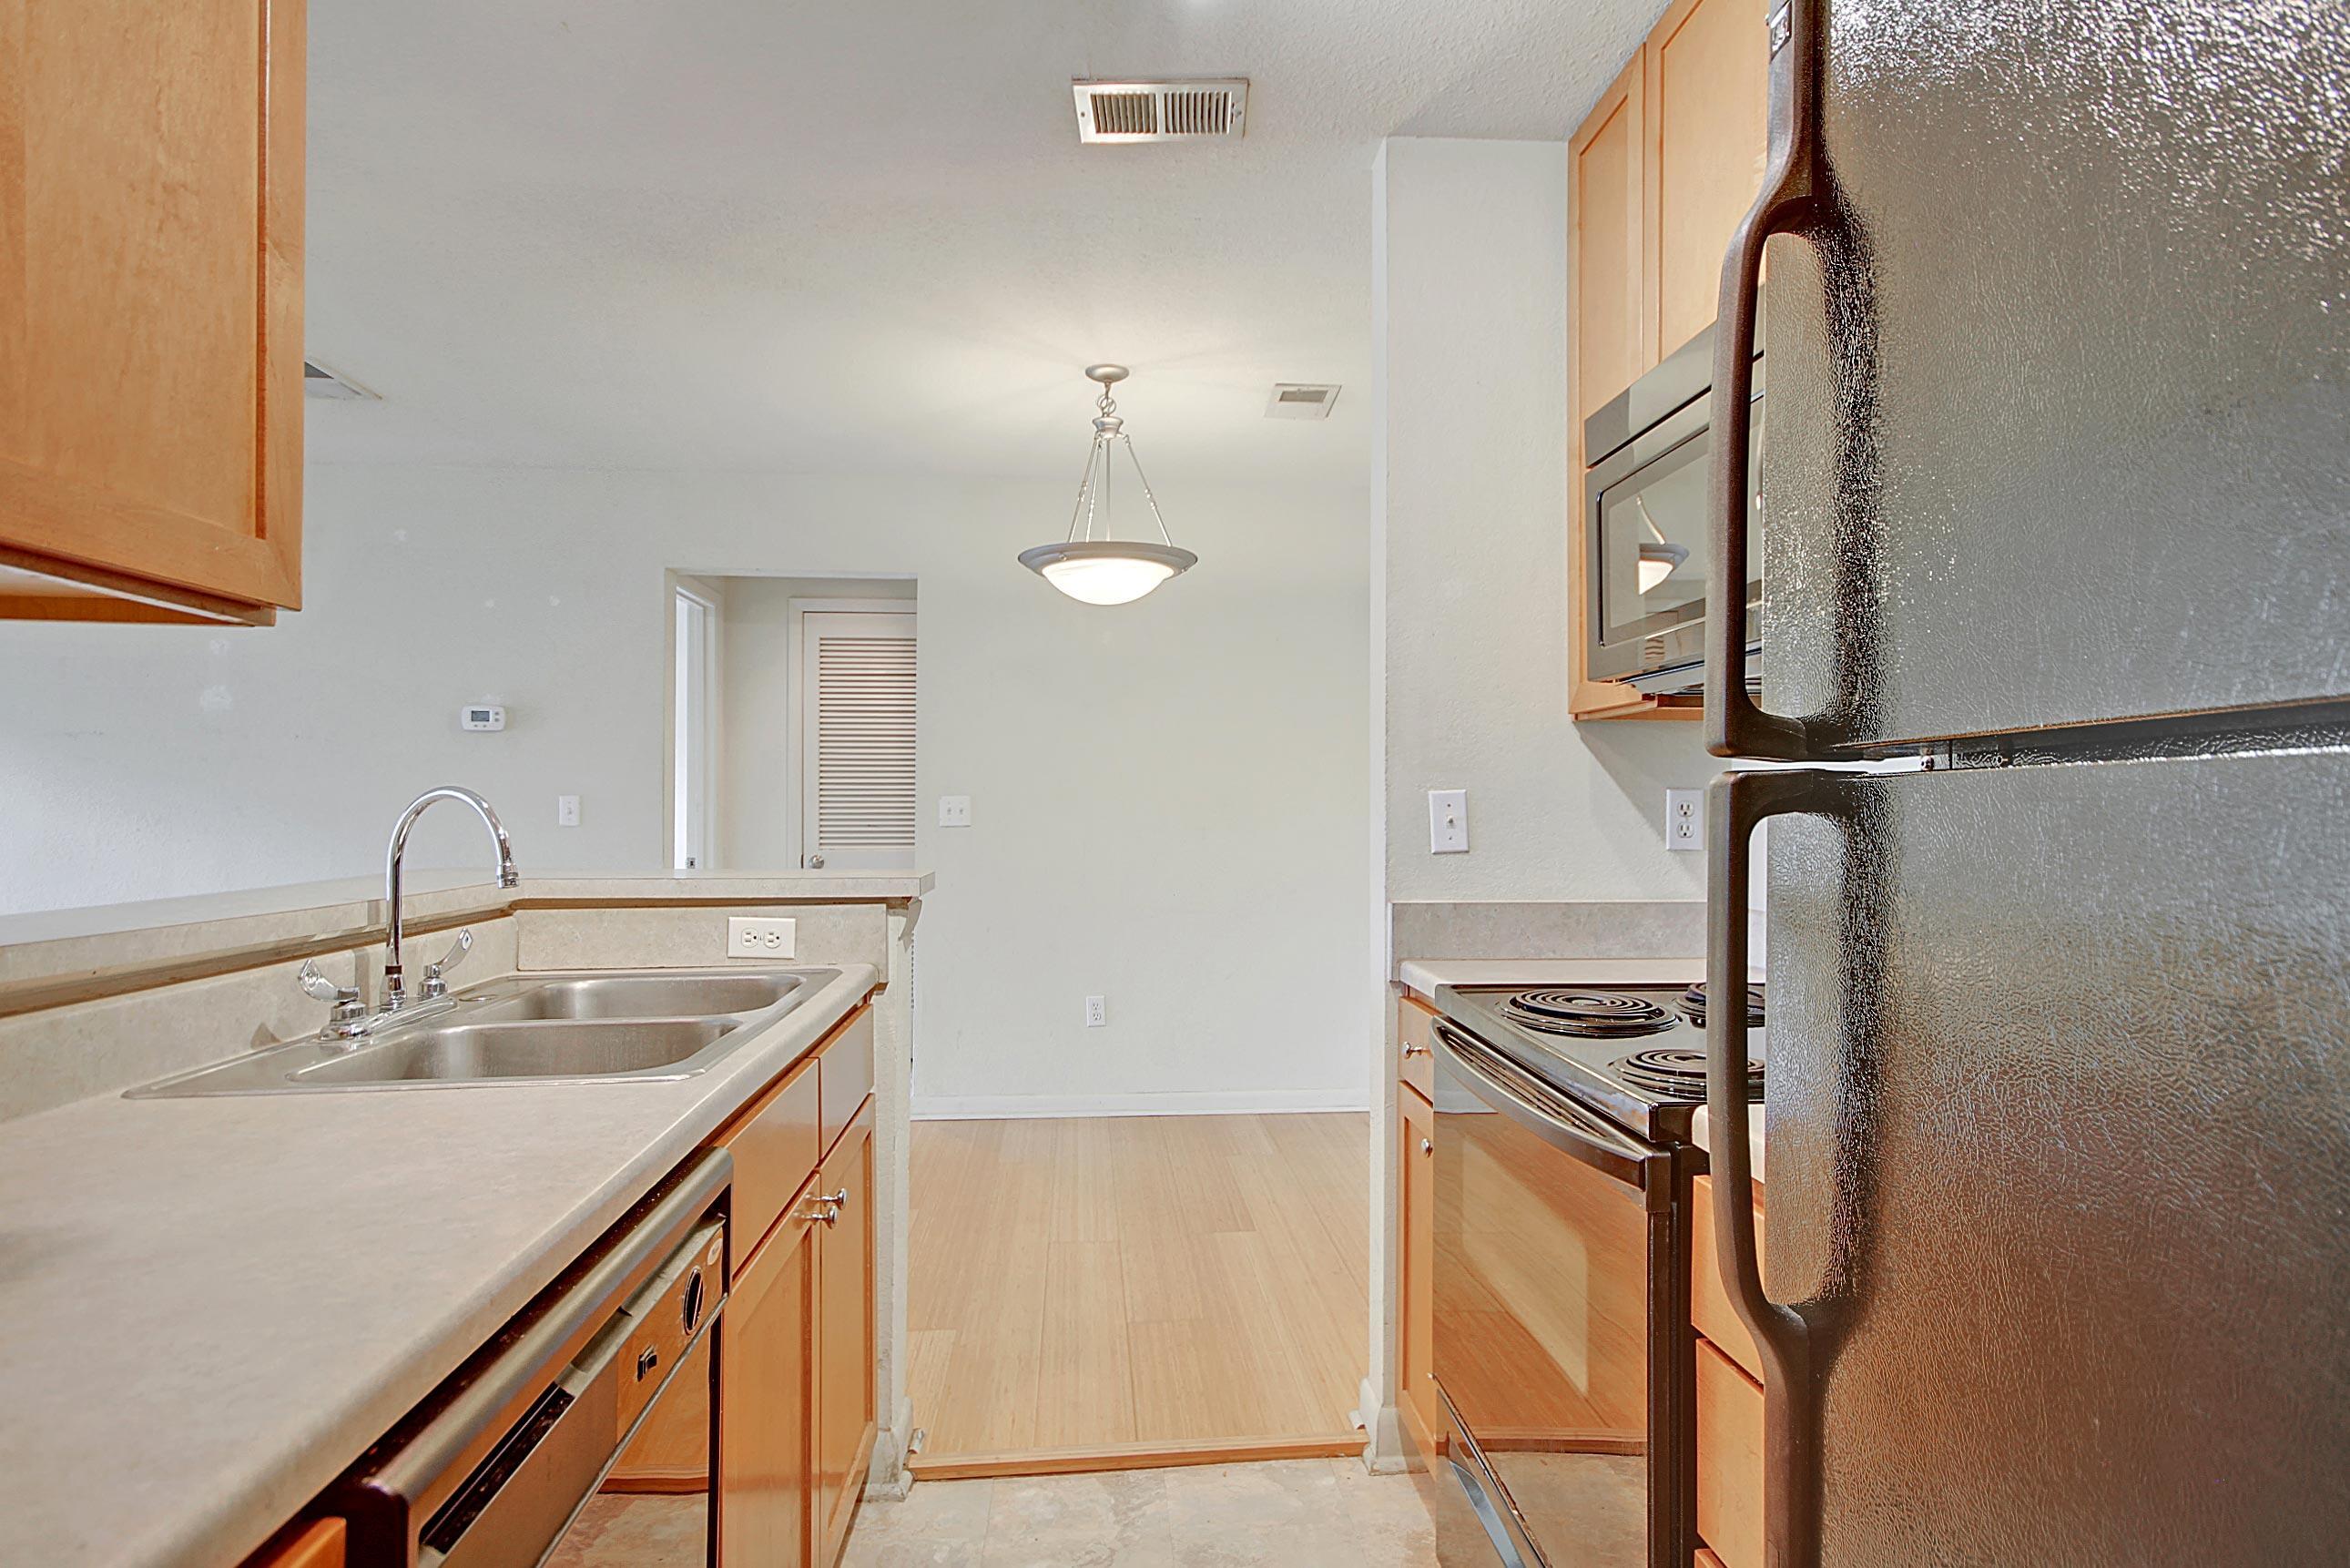 East Bridge Town Lofts Homes For Sale - 273 Alexandra, Mount Pleasant, SC - 21